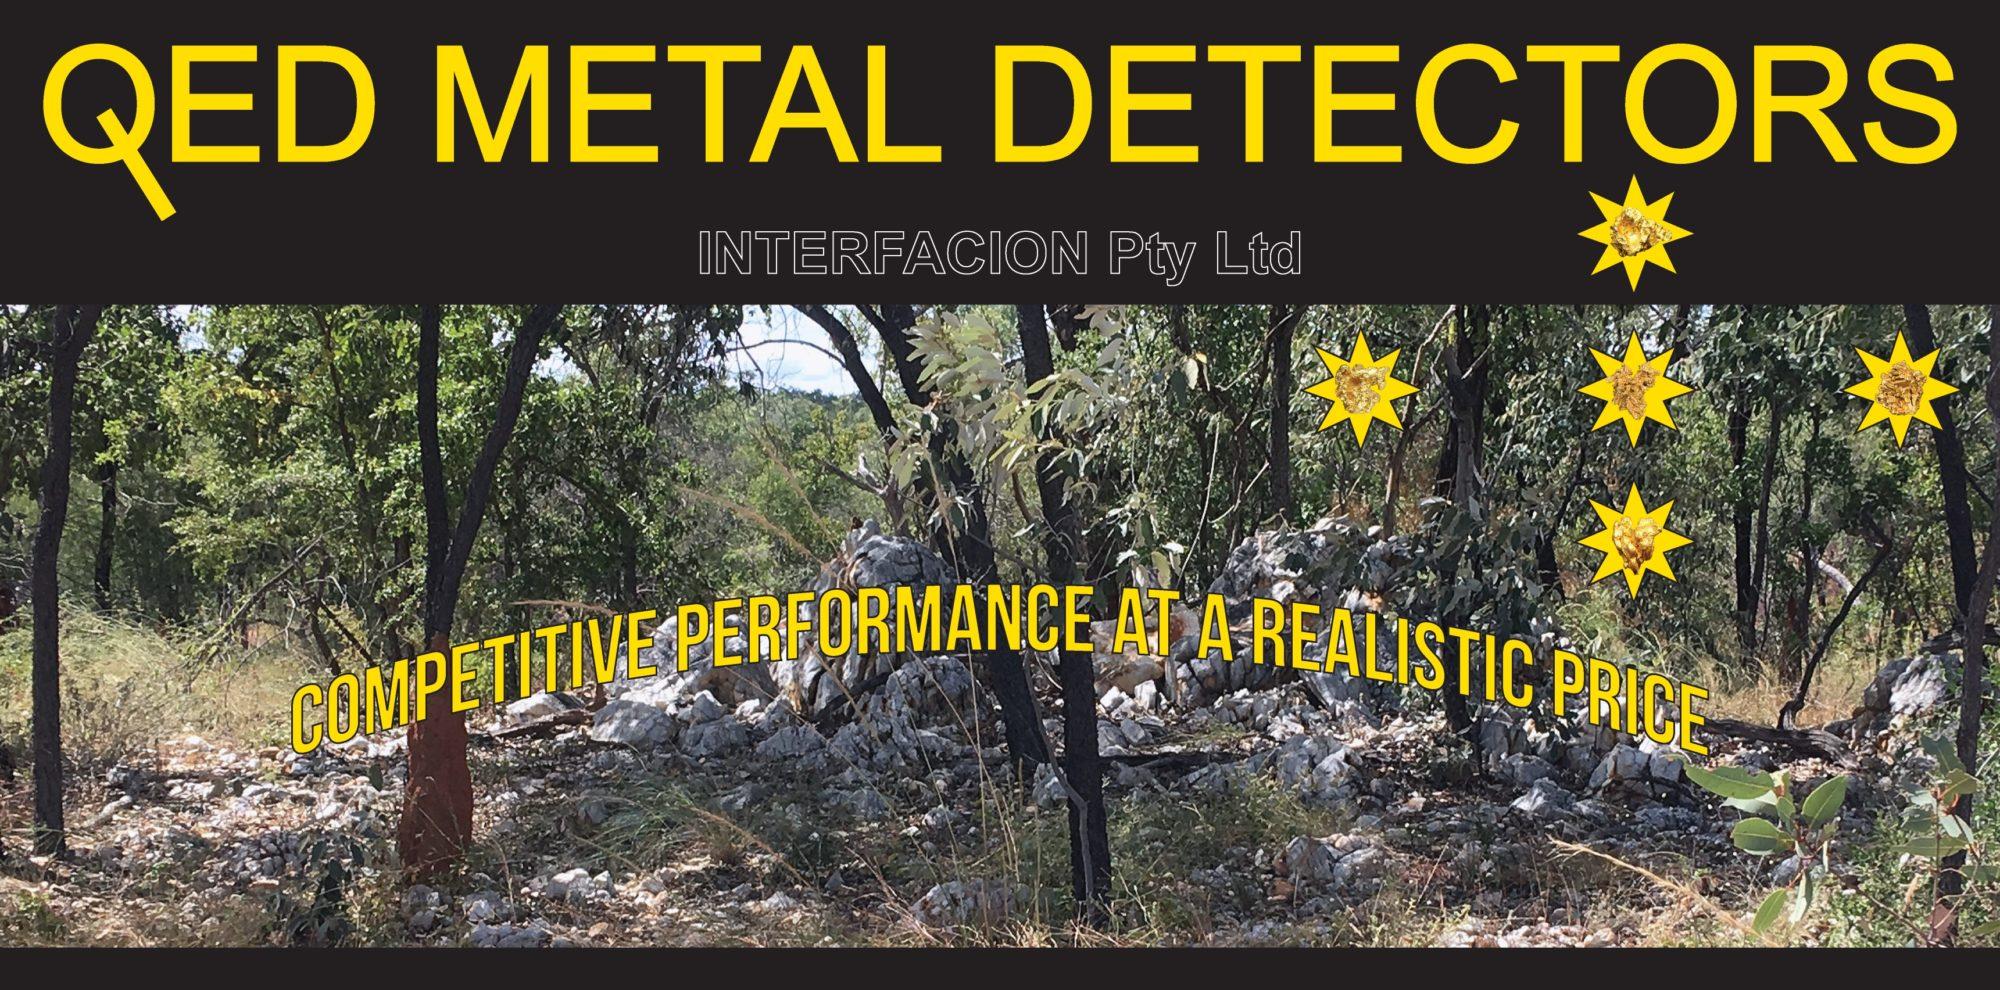 QED Metal Detectors